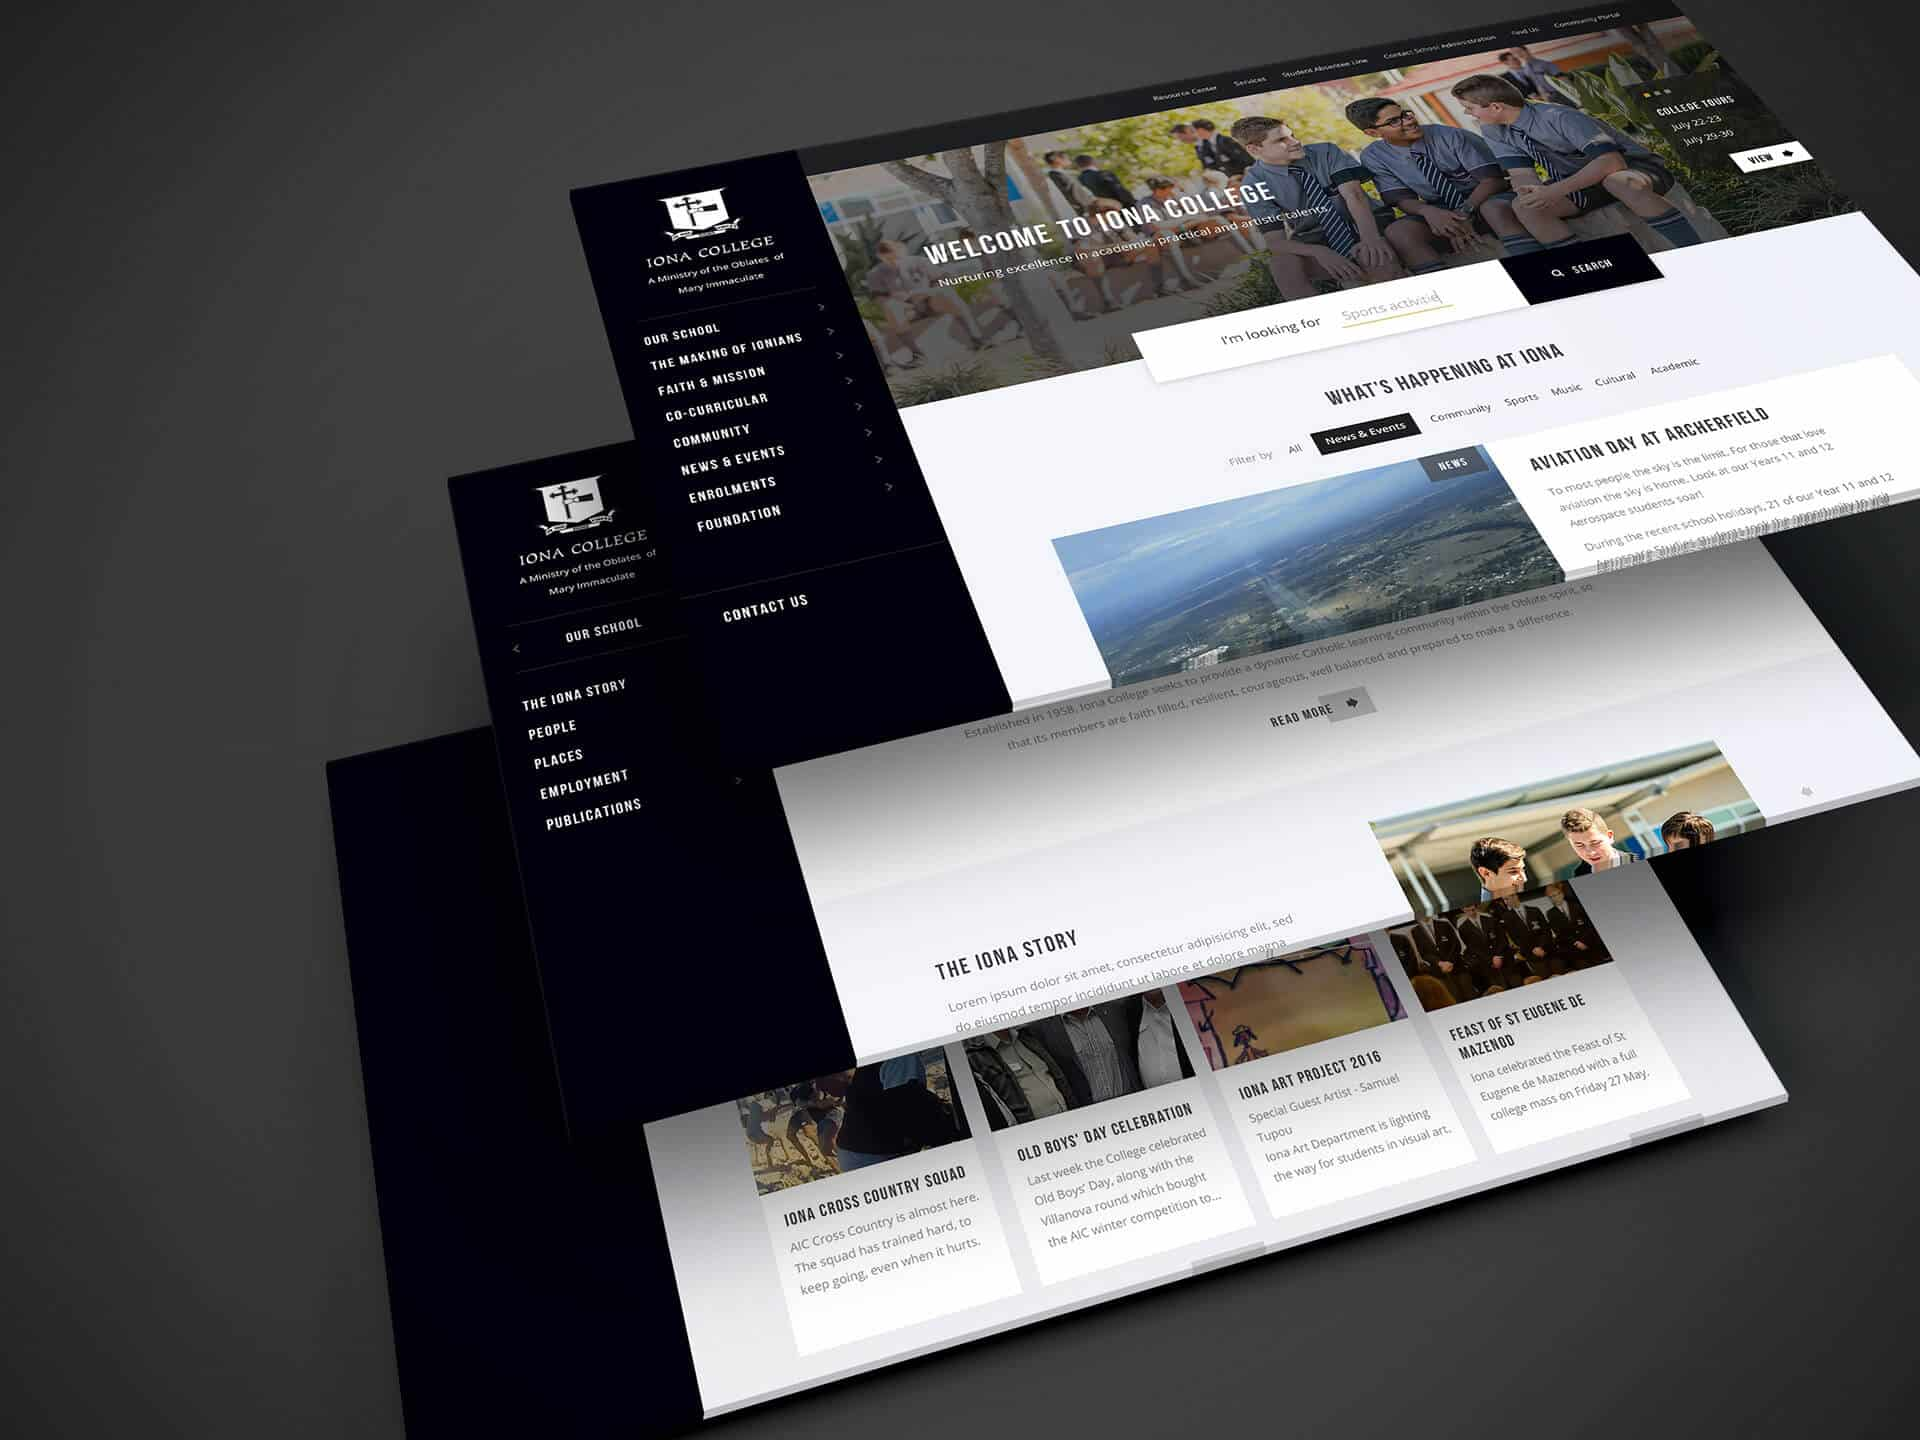 Web Design - Iona College